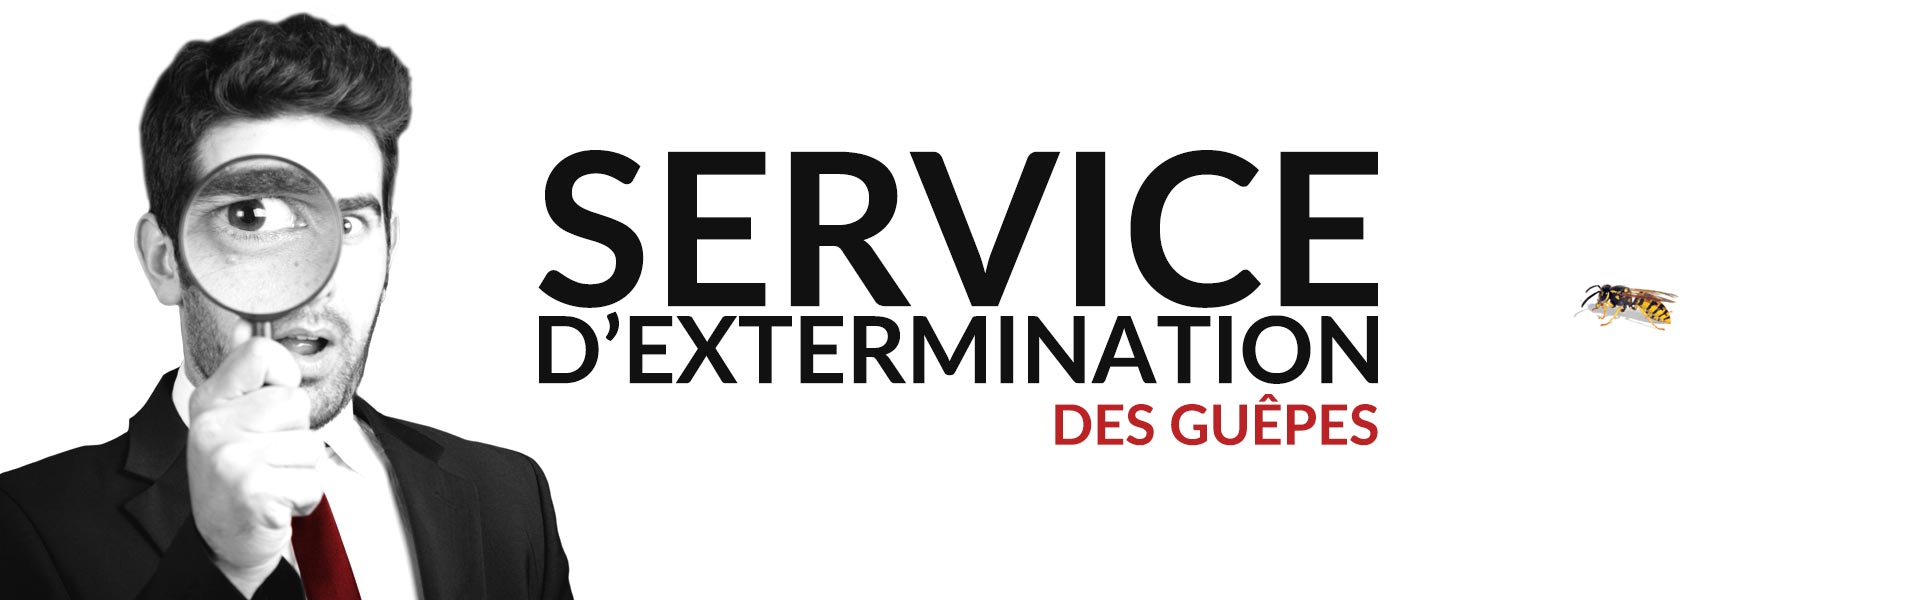 Groupe AZ Extermination exterminateur guêpes